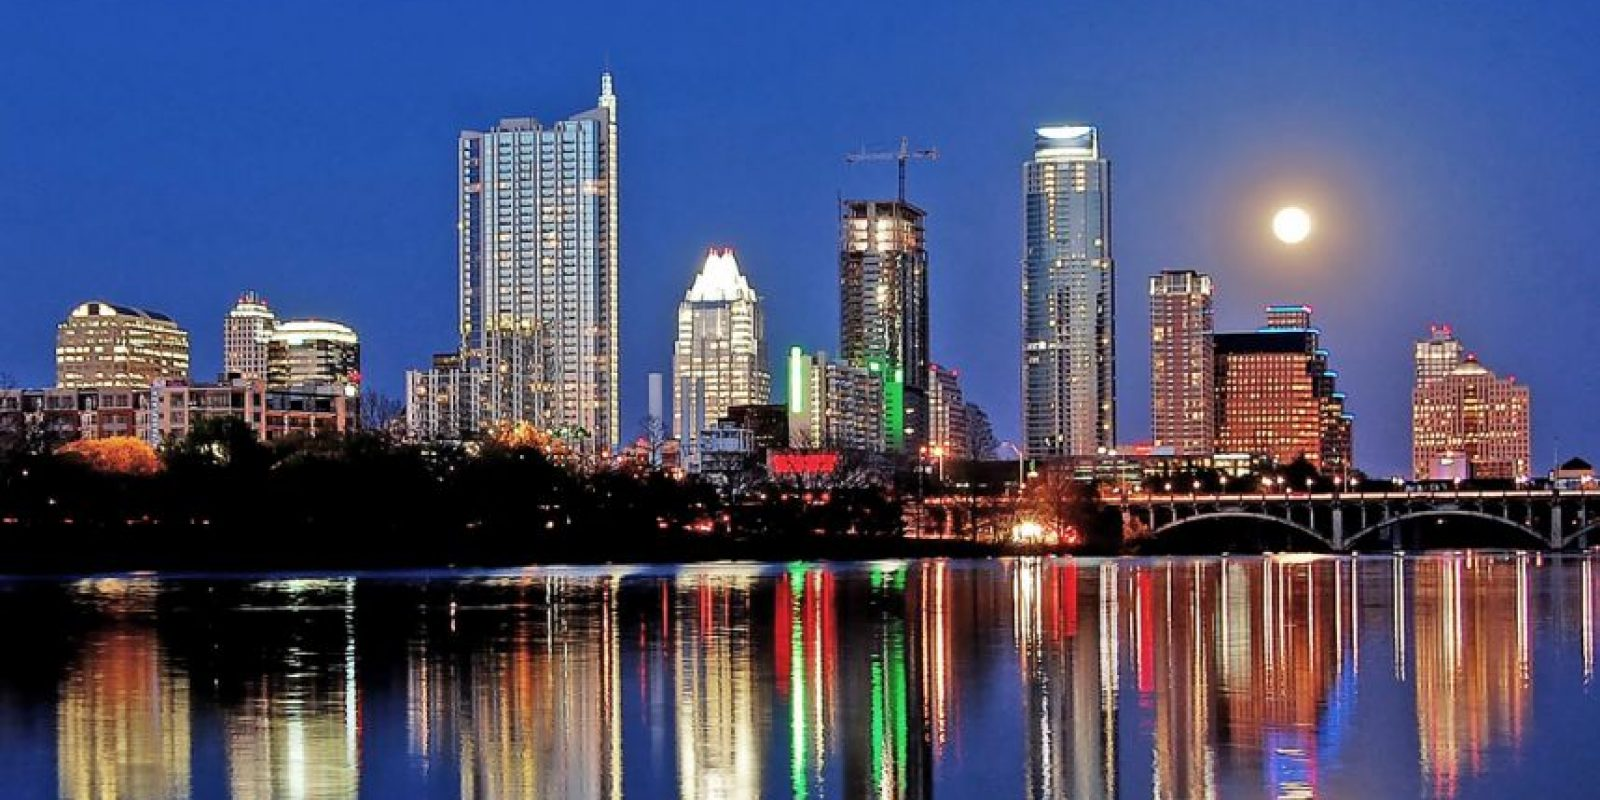 12. Austin, Texas tiene una reputación de ser tranquila y atractiva por eso logró 88.456 puntos a su favor.